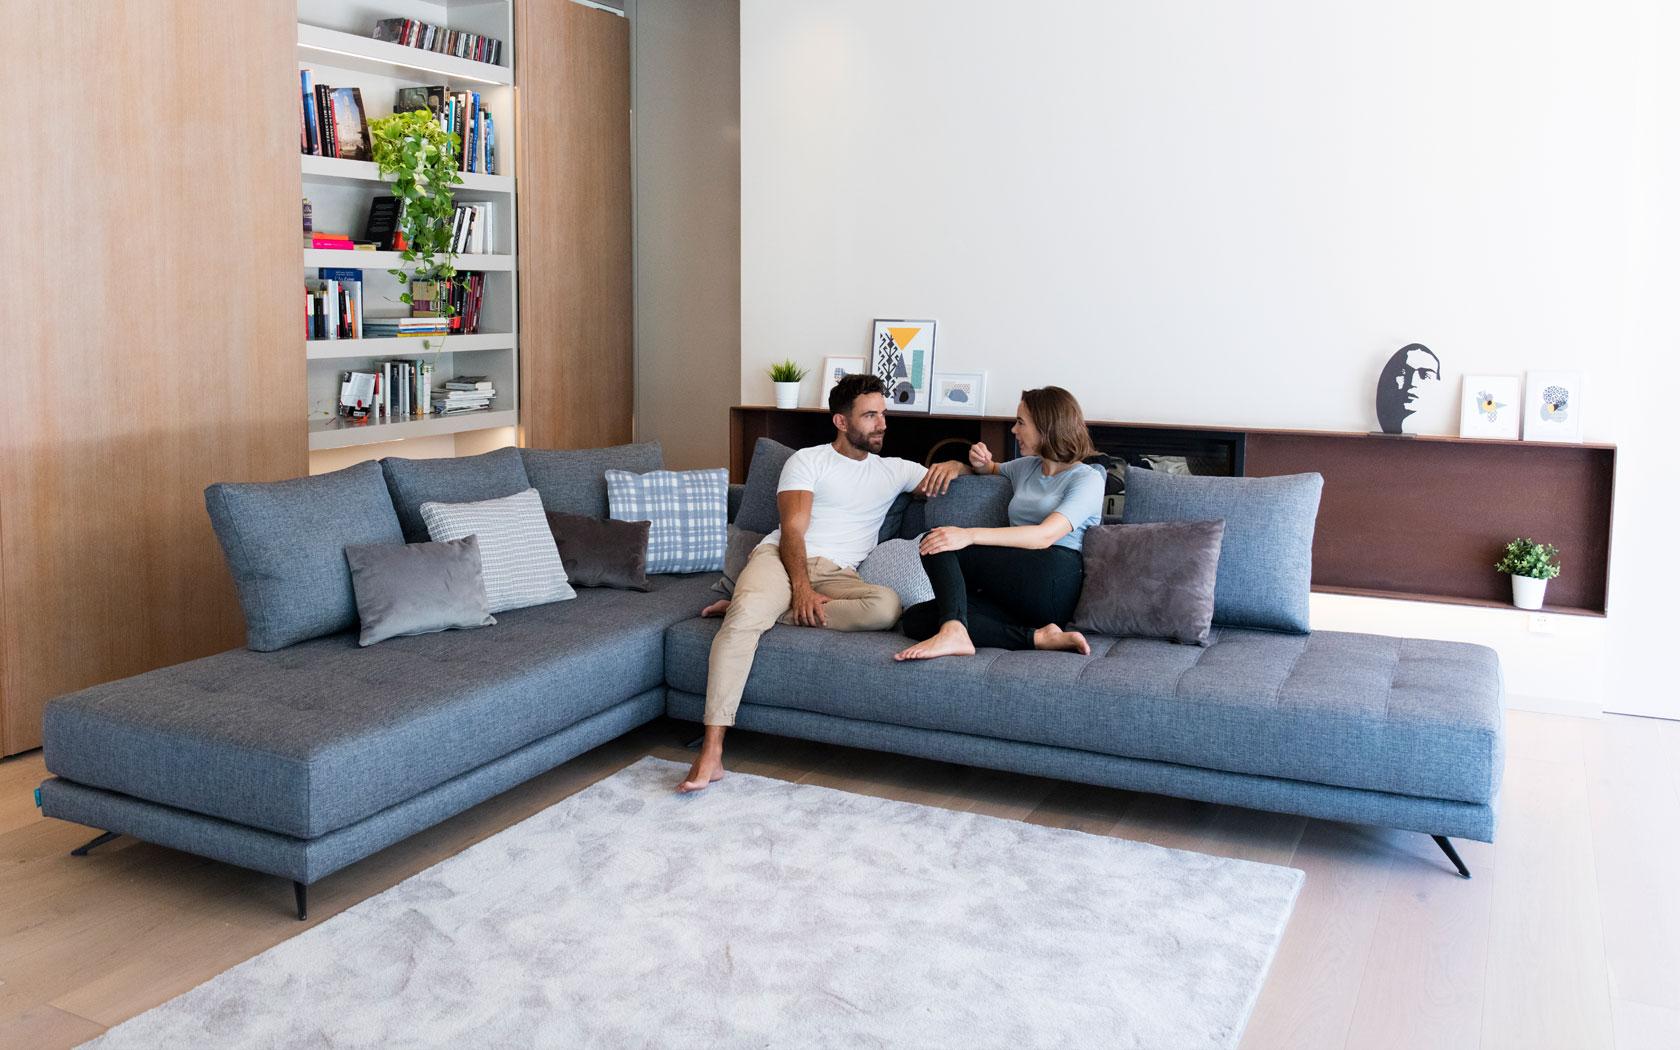 Pacific sofa Fama 2020 02